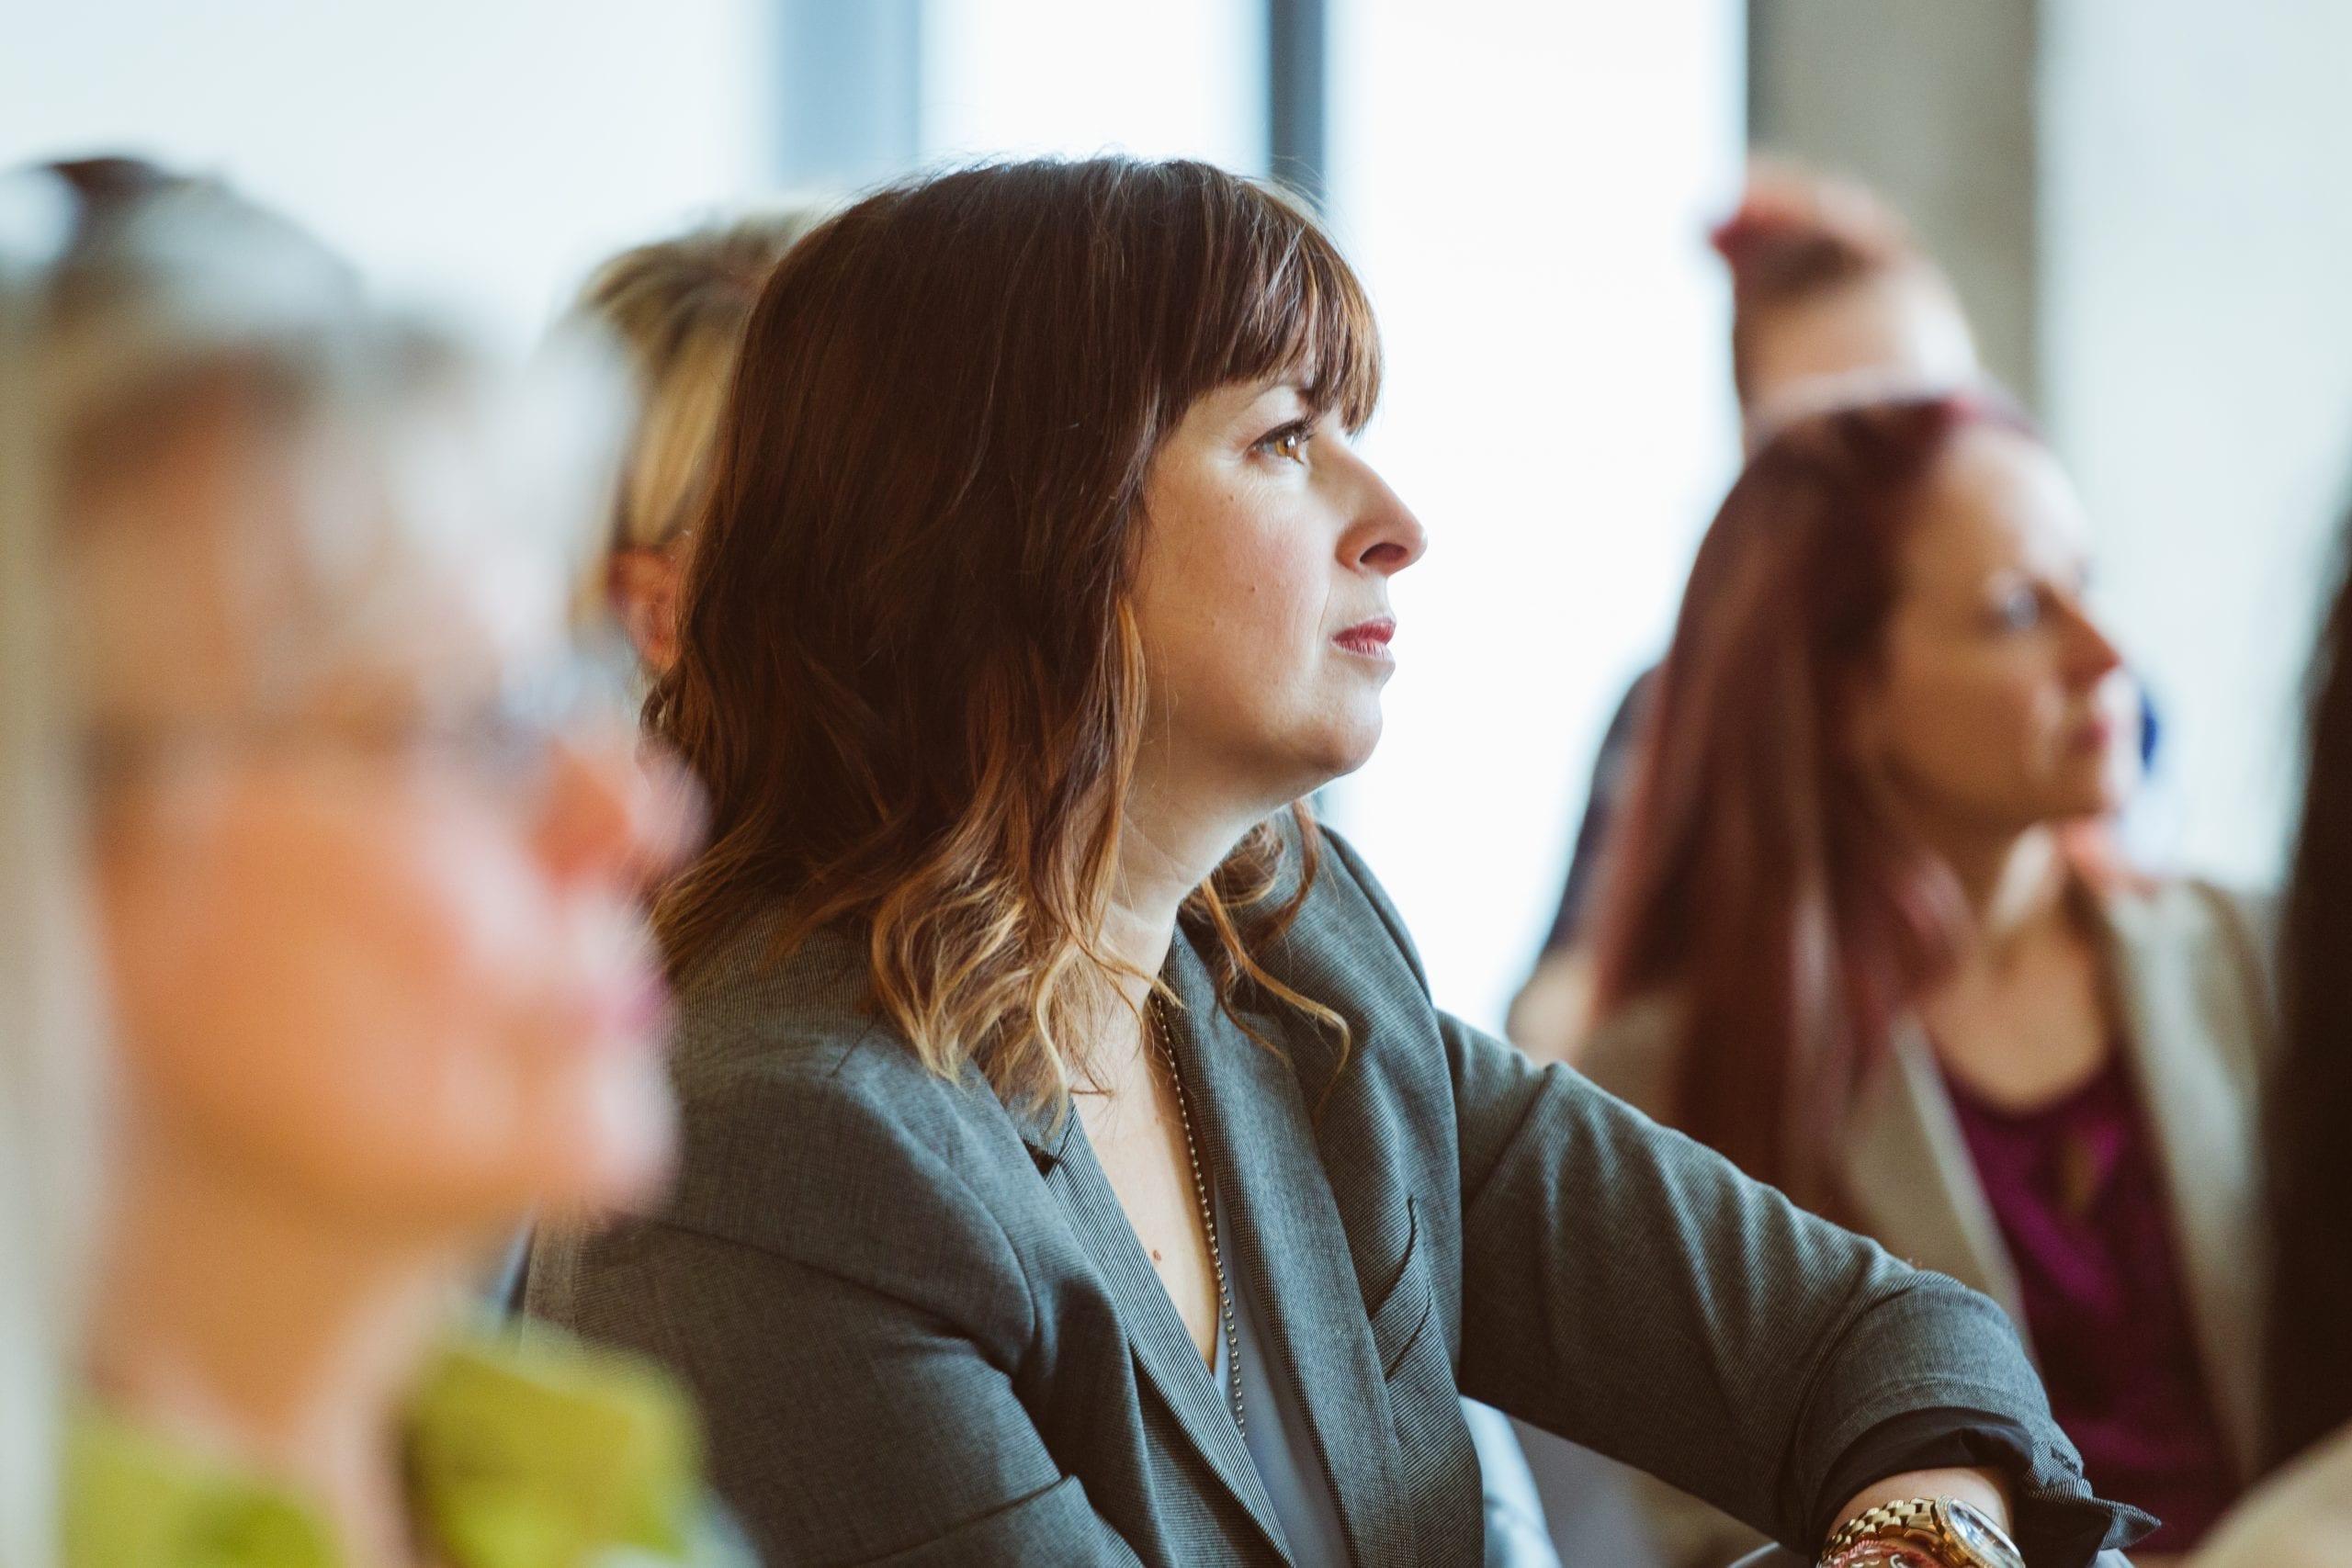 Femme de profil qui est concentrée lors d'une conférence L'effet A.